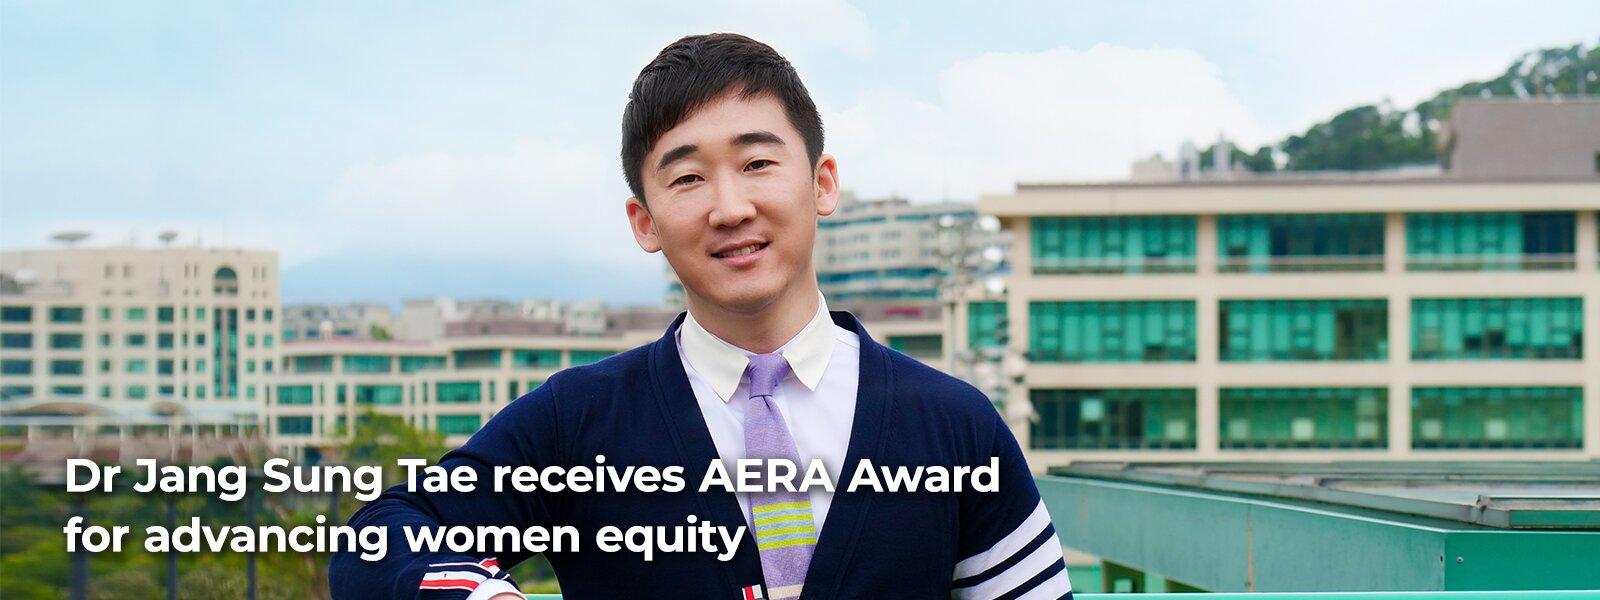 美国教育研究协会表扬张成泰博士 致力争取女性平等